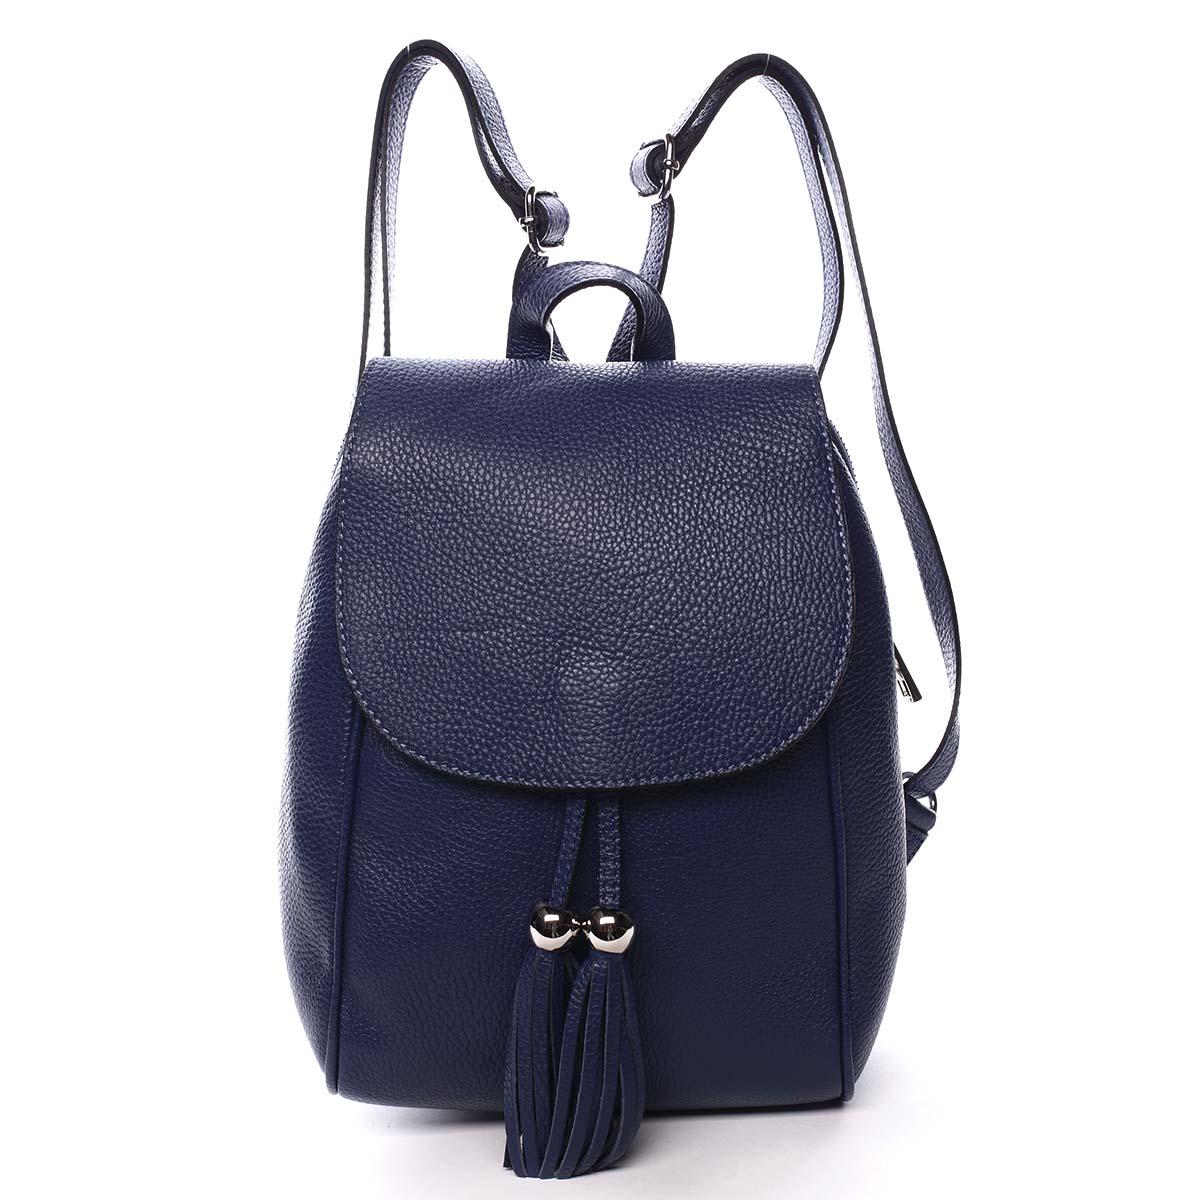 Dámský kožený batůžek tmavě modrý - ItalY Joseph